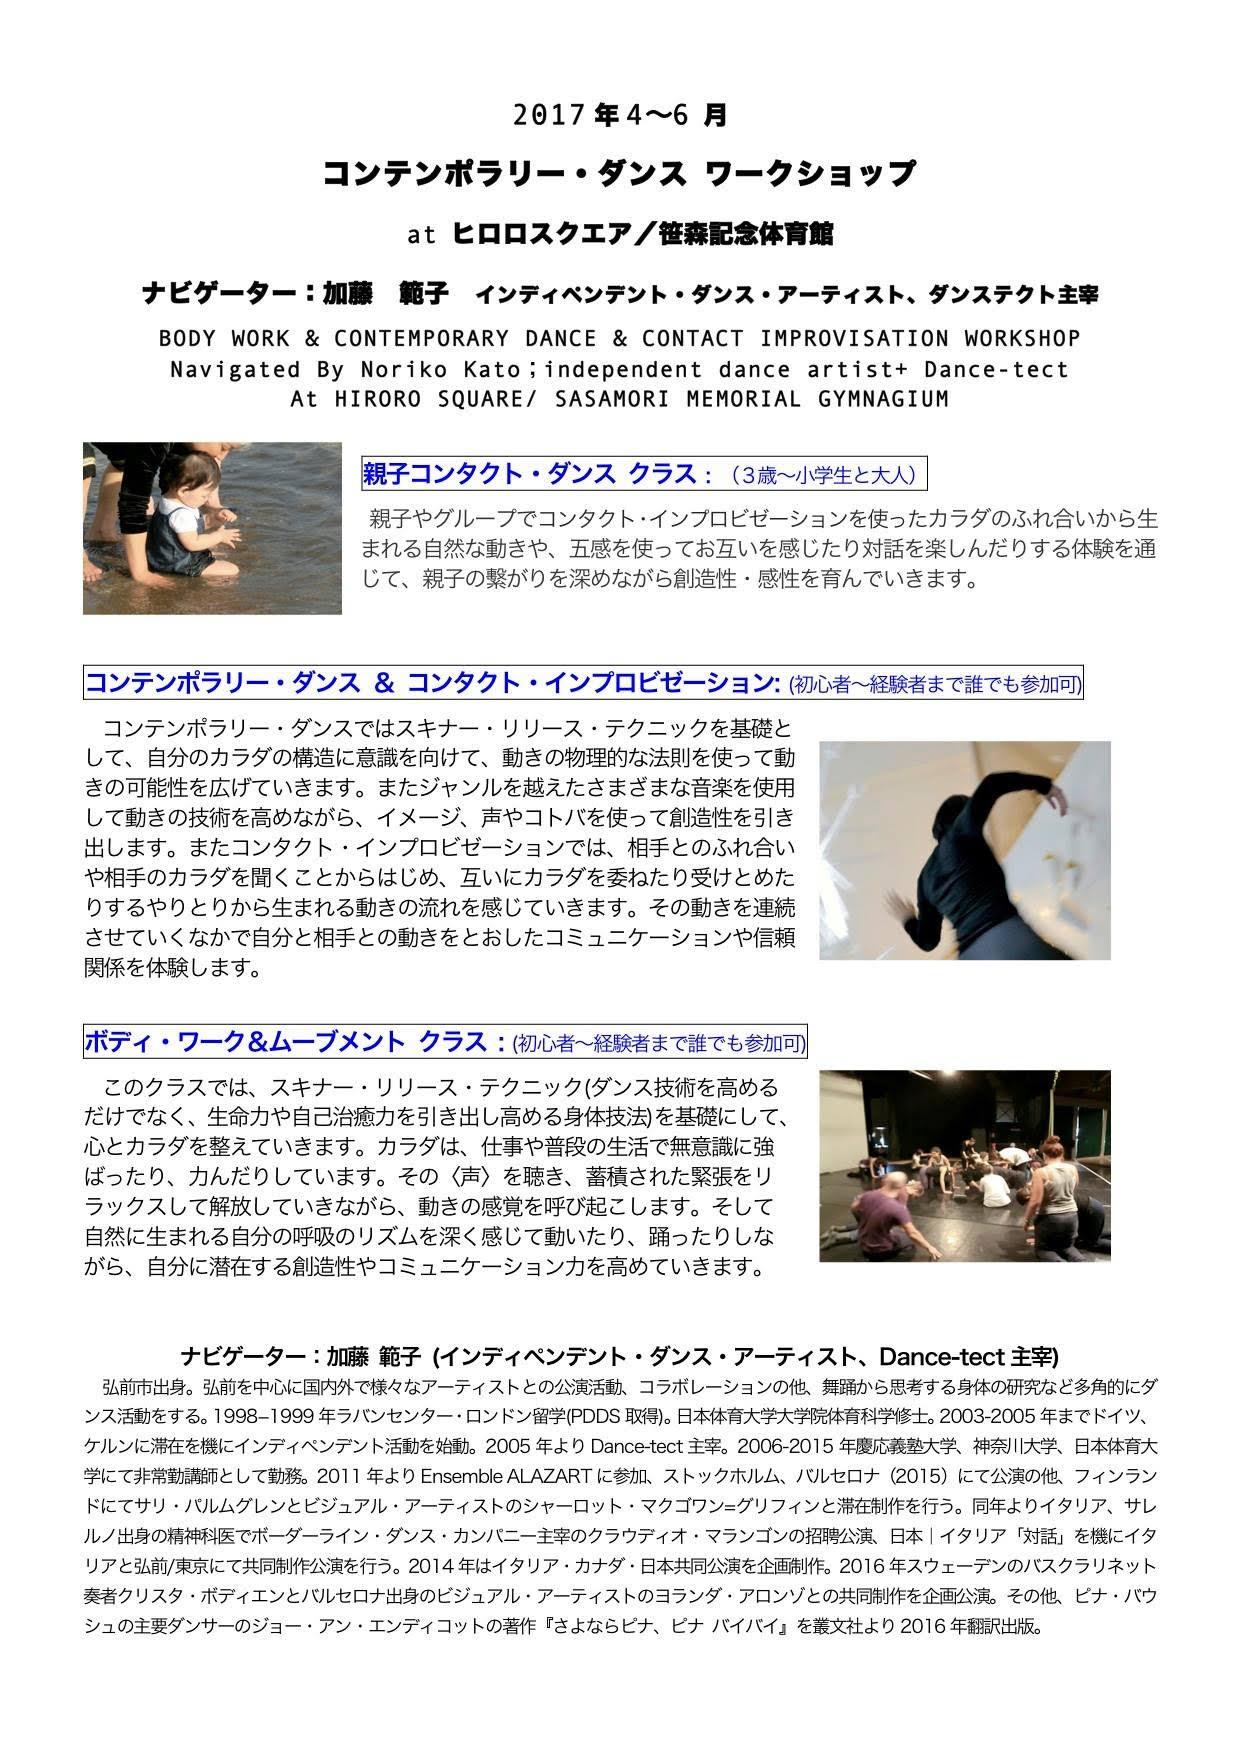 「コンテンポラリー・ダンス ワークショップ」ちらし表